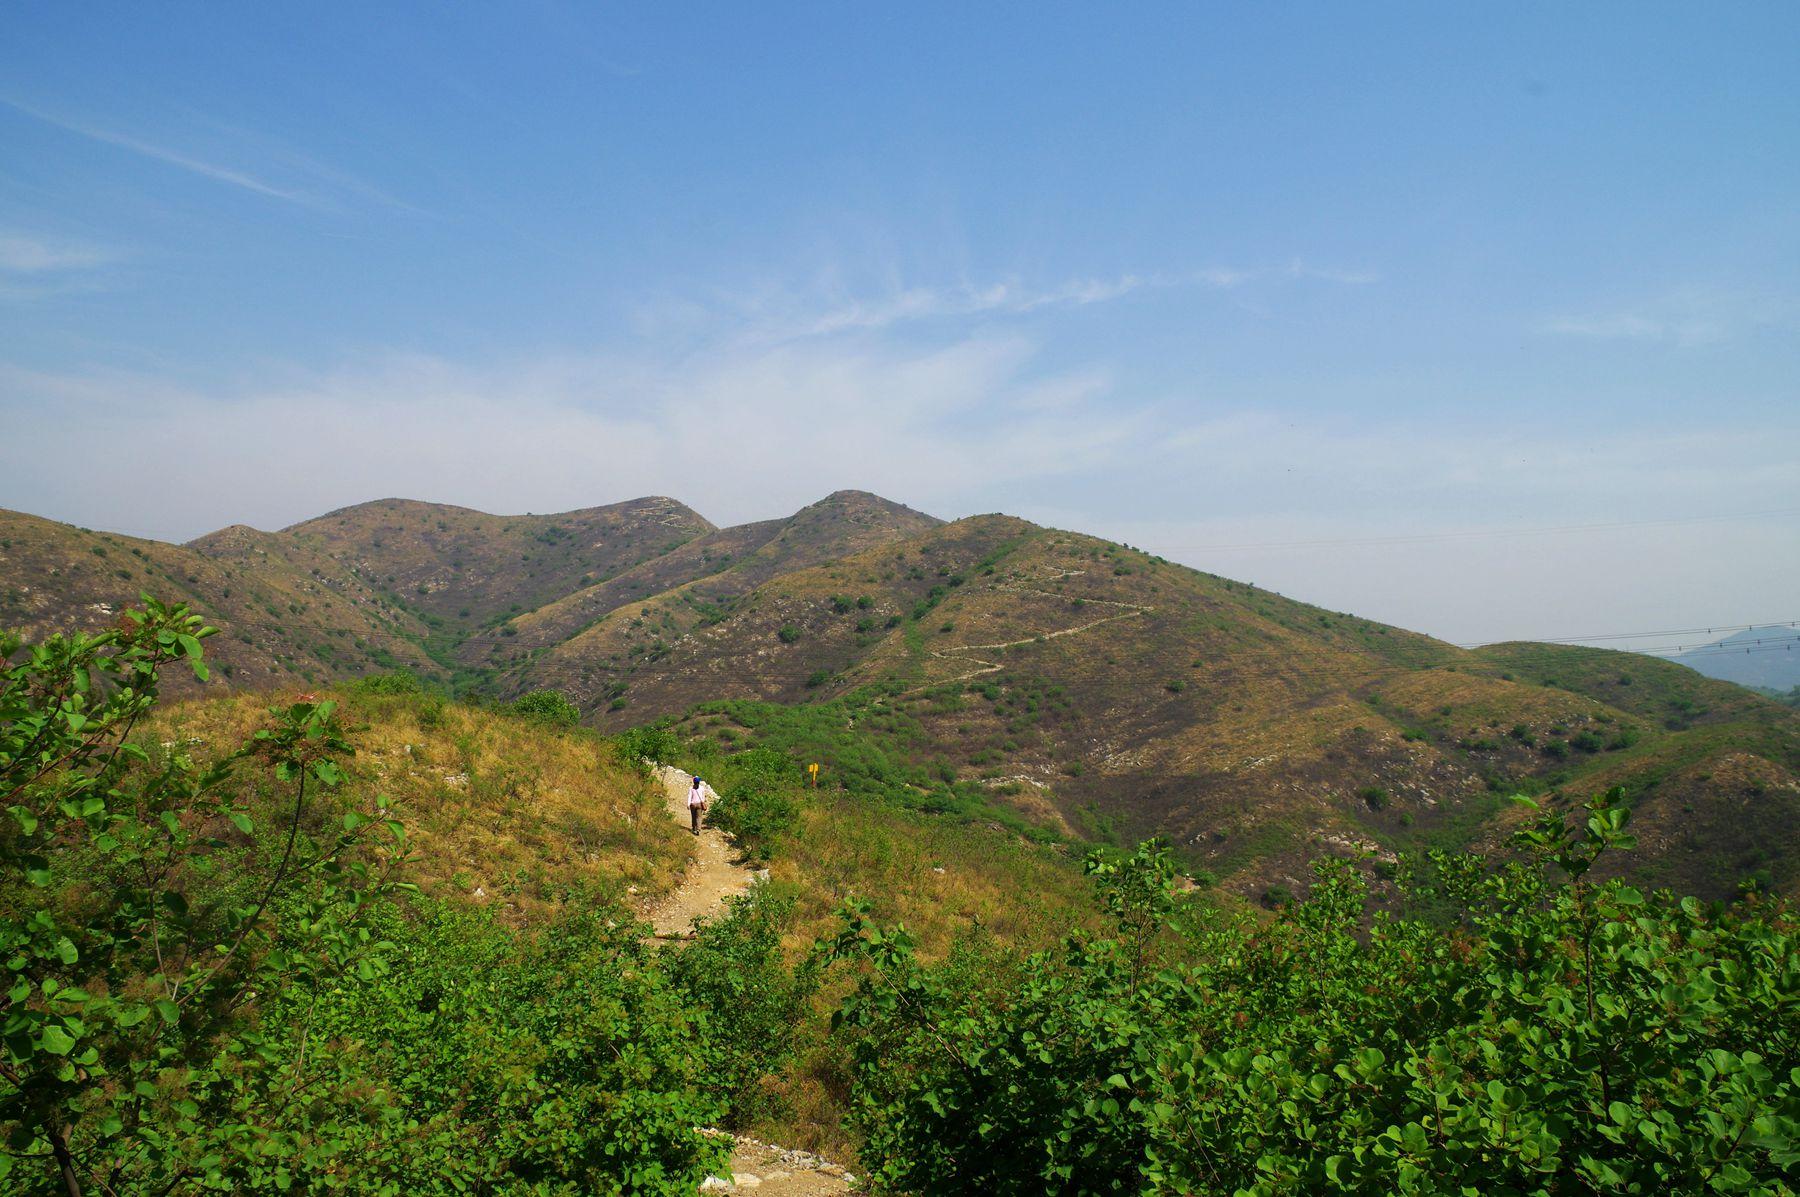 寻找最美风景?五彩浅山步道登山+参观焦庄户地道战遗址2日游